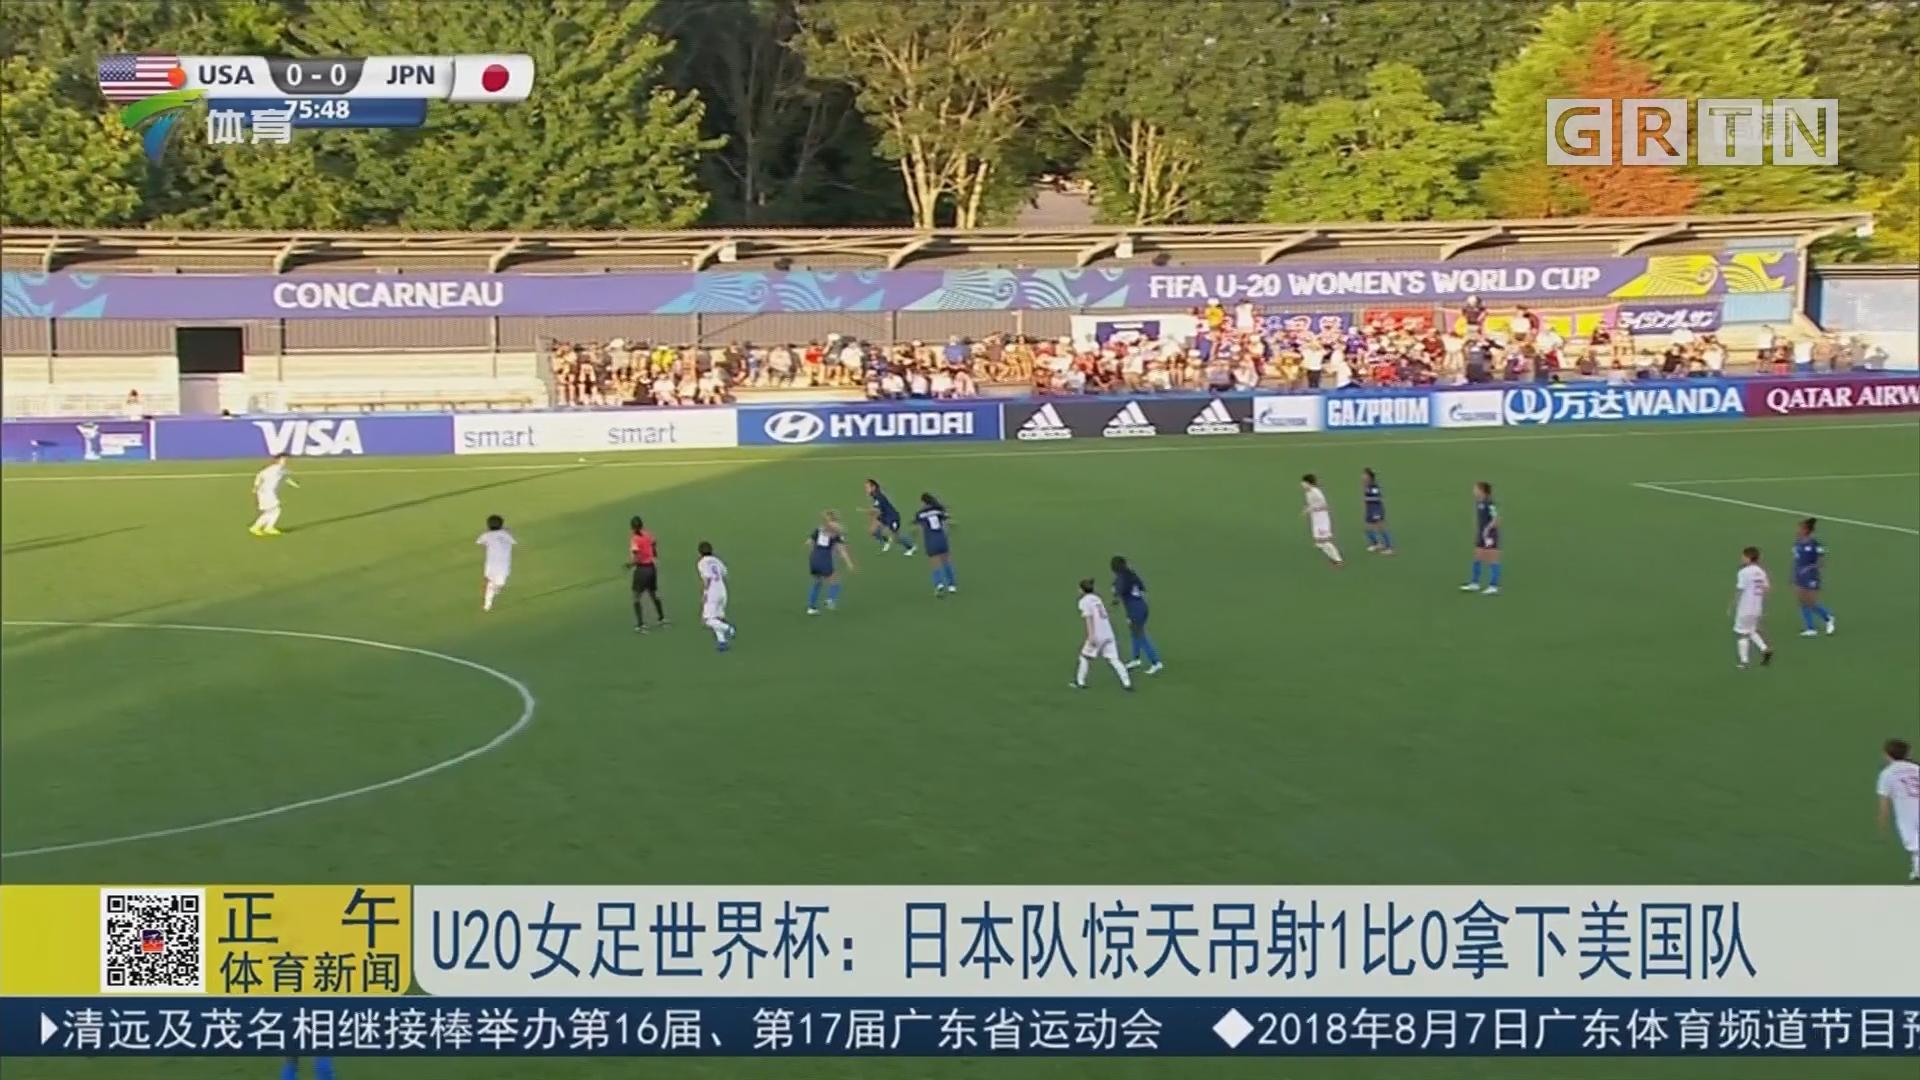 U20女足世界杯:日本队惊天吊射1比0拿下美国队